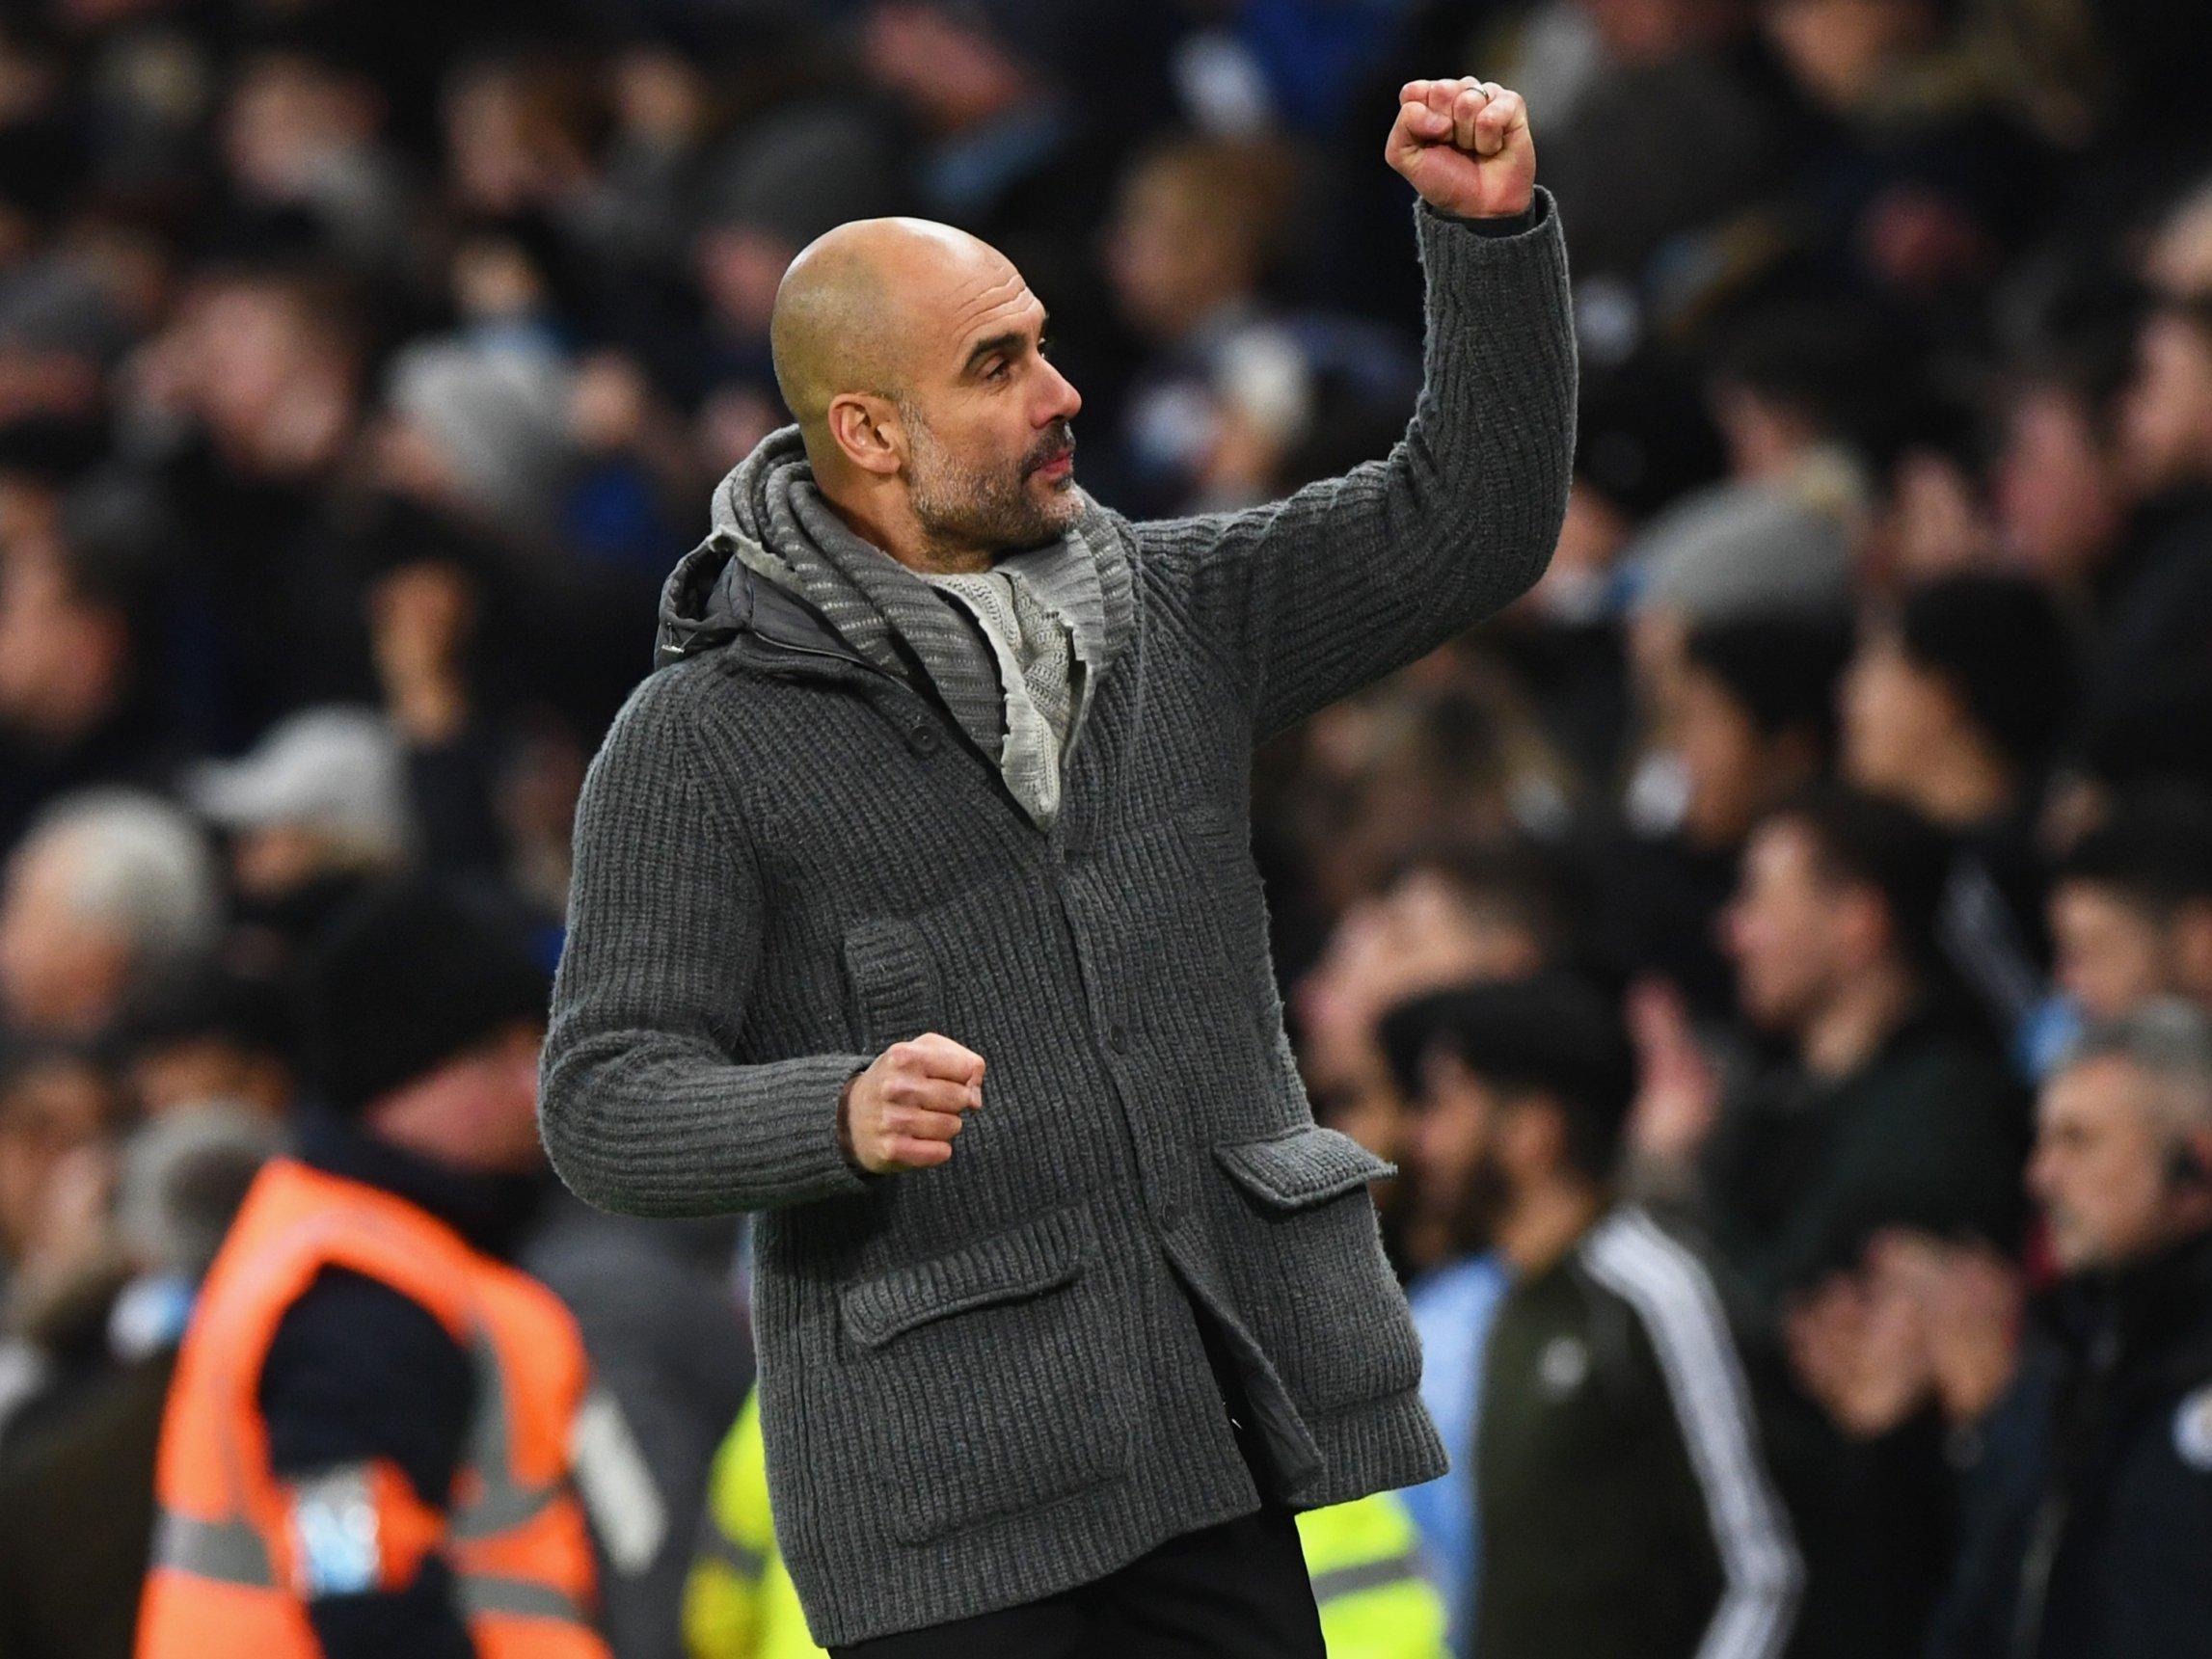 Pep Guardiola berharap perburuan gelar juara hingga musim berakhir